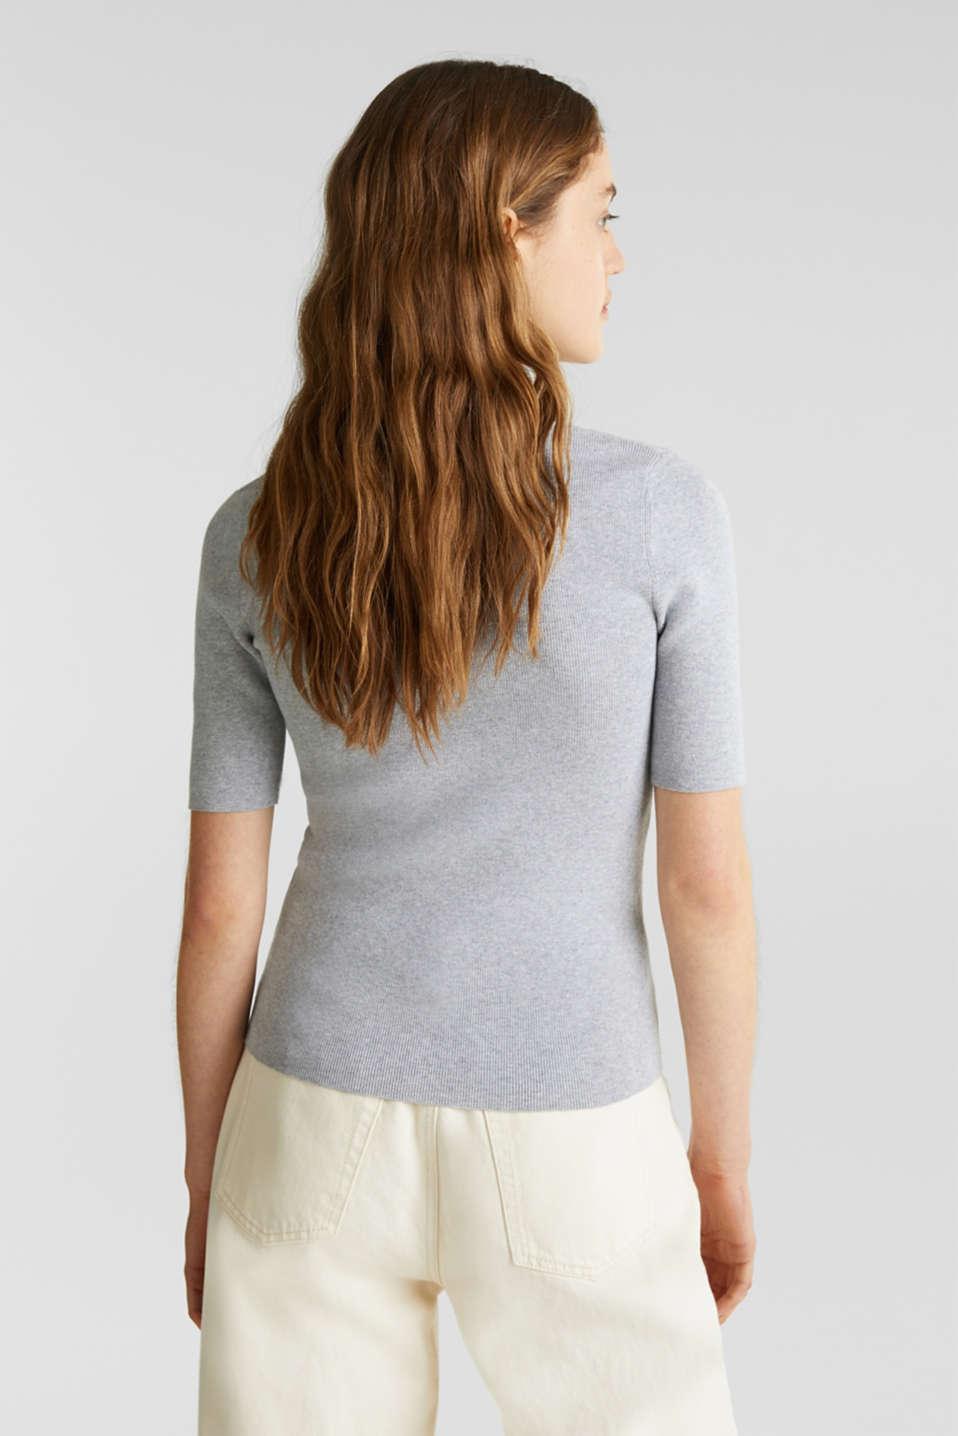 Short-sleeved jumper in blended cotton, LIGHT GREY 5, detail image number 3